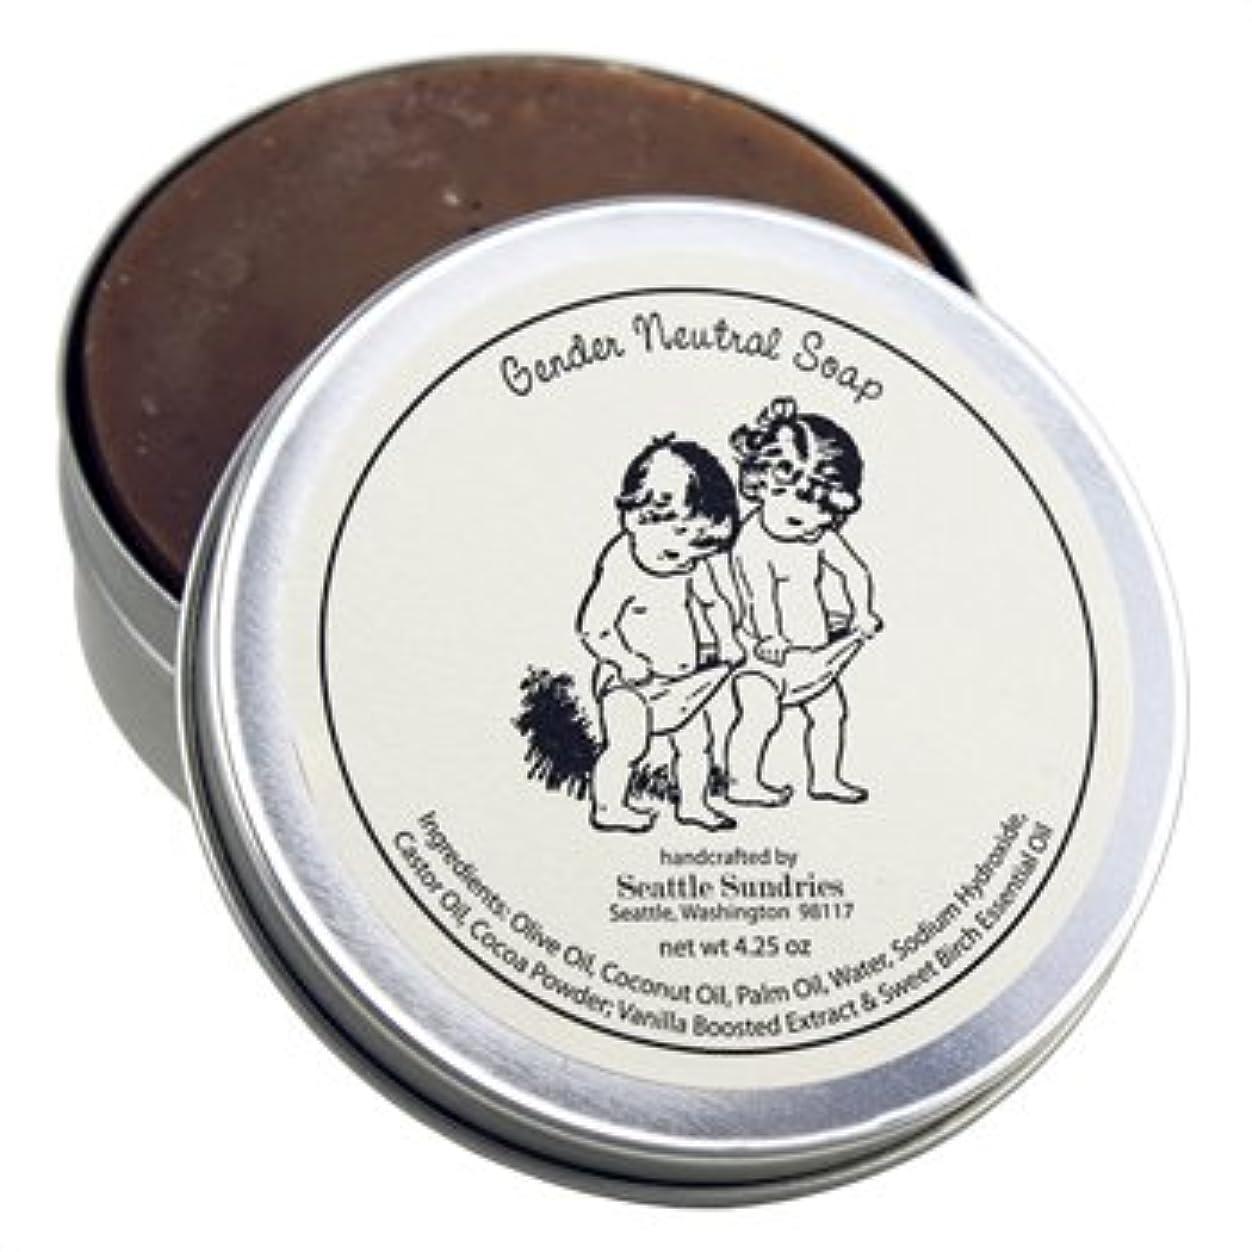 深めるコンパス使用法シアトル石鹸 Gender Neutral / 石鹸を愛する全ての人へ Seattle Sundries社製